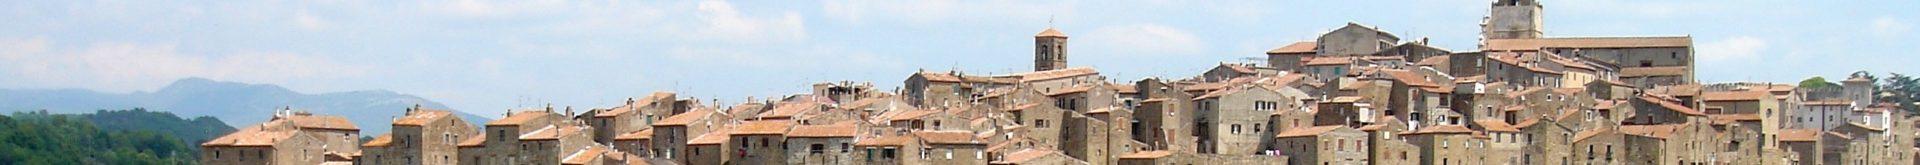 Un'altra Estate: viaggio nella Toscana dei borghi